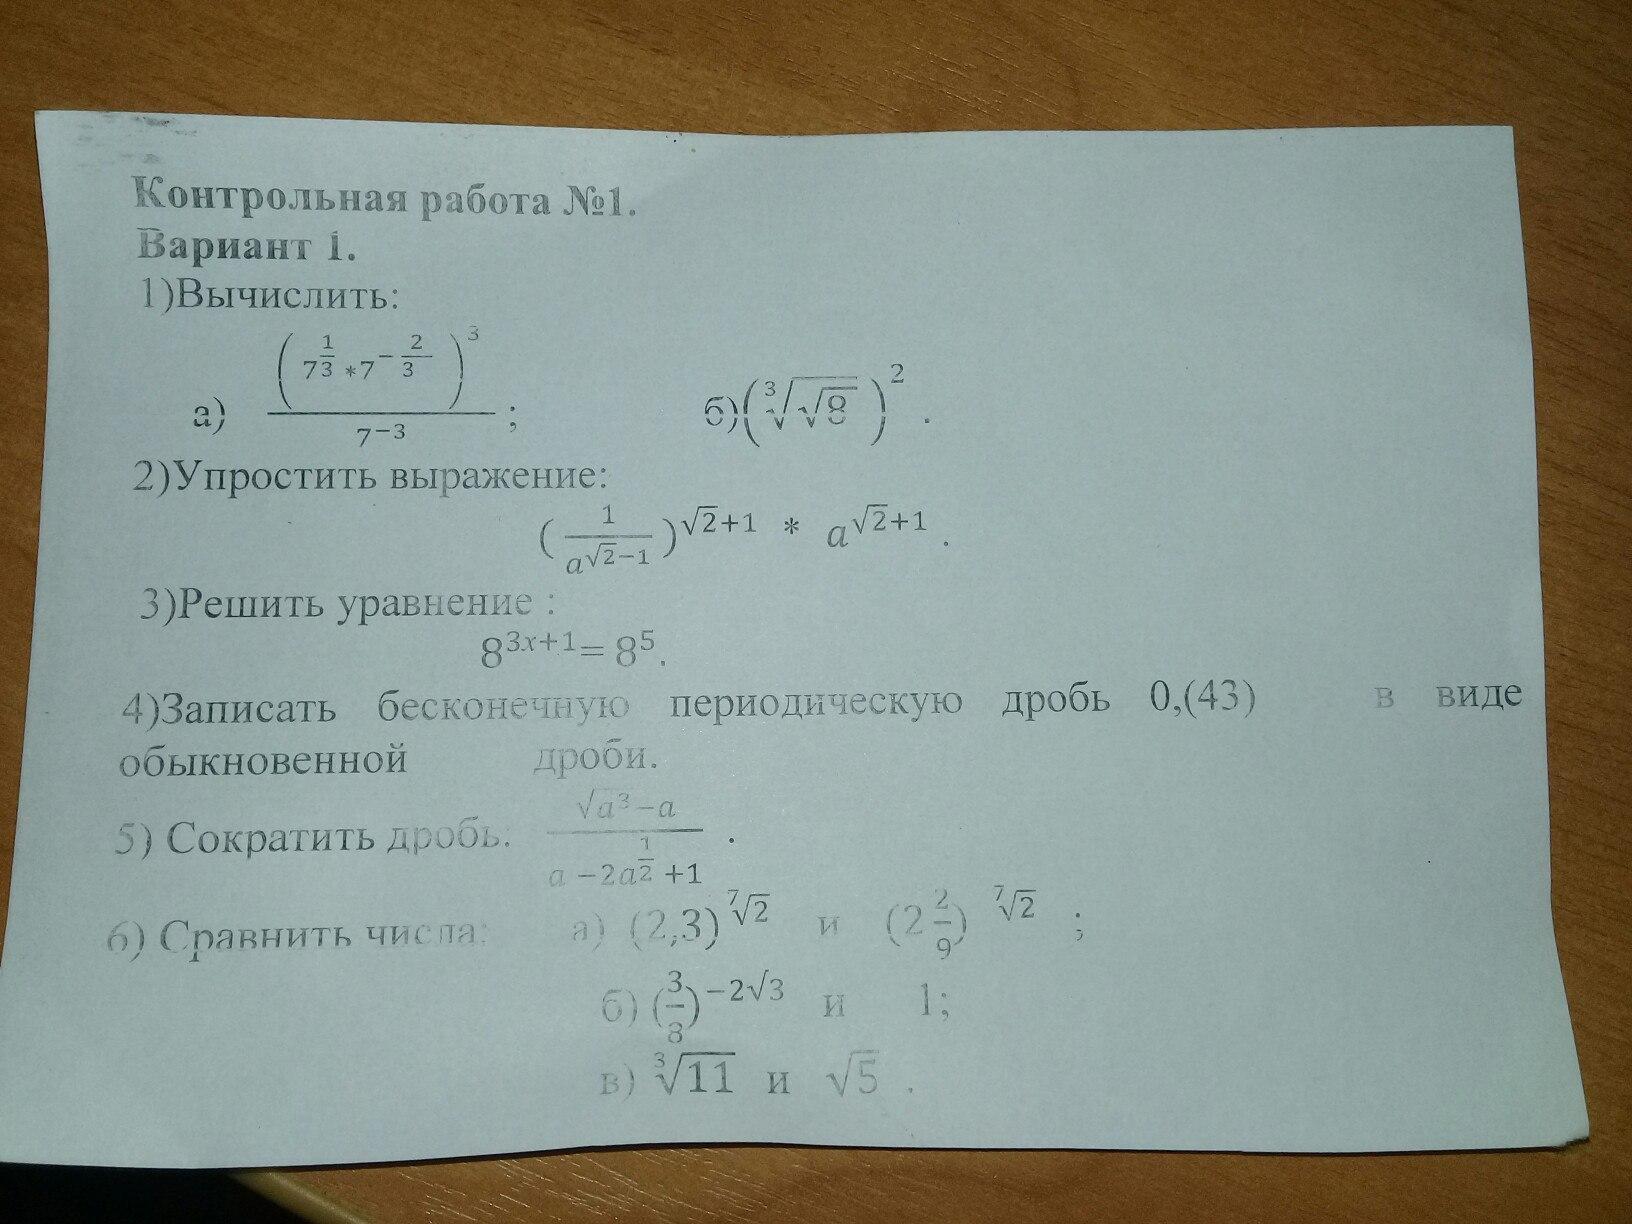 Помогите решить контрольную работу по математике пожалуйста  Помогите решить контрольную работу по математике пожалуйста